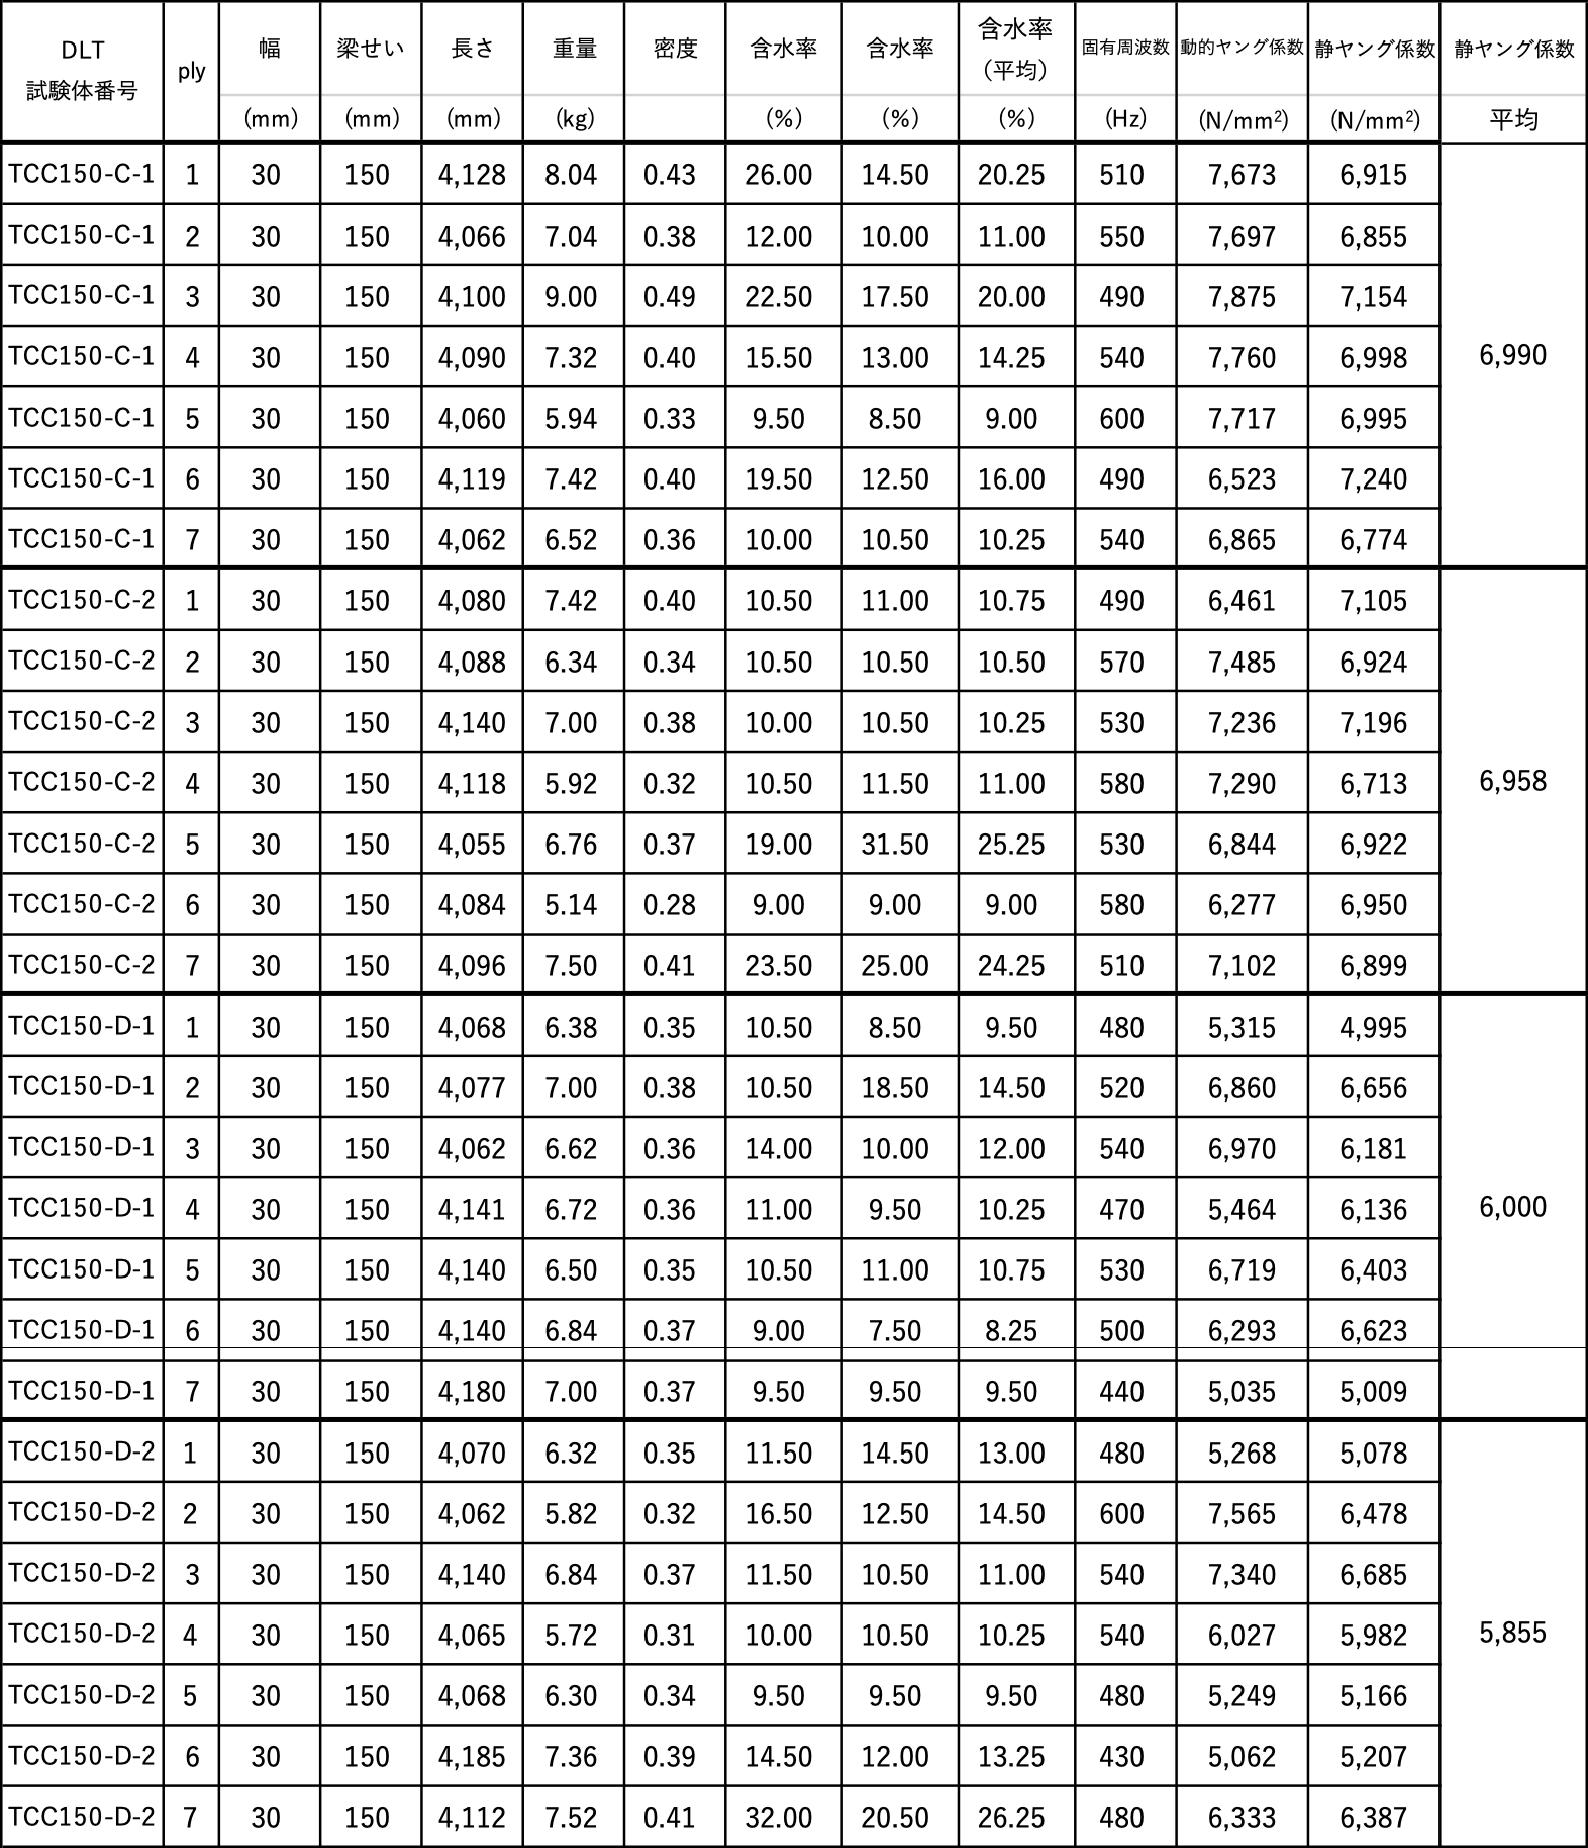 ウェブ材のヤング係数(4)